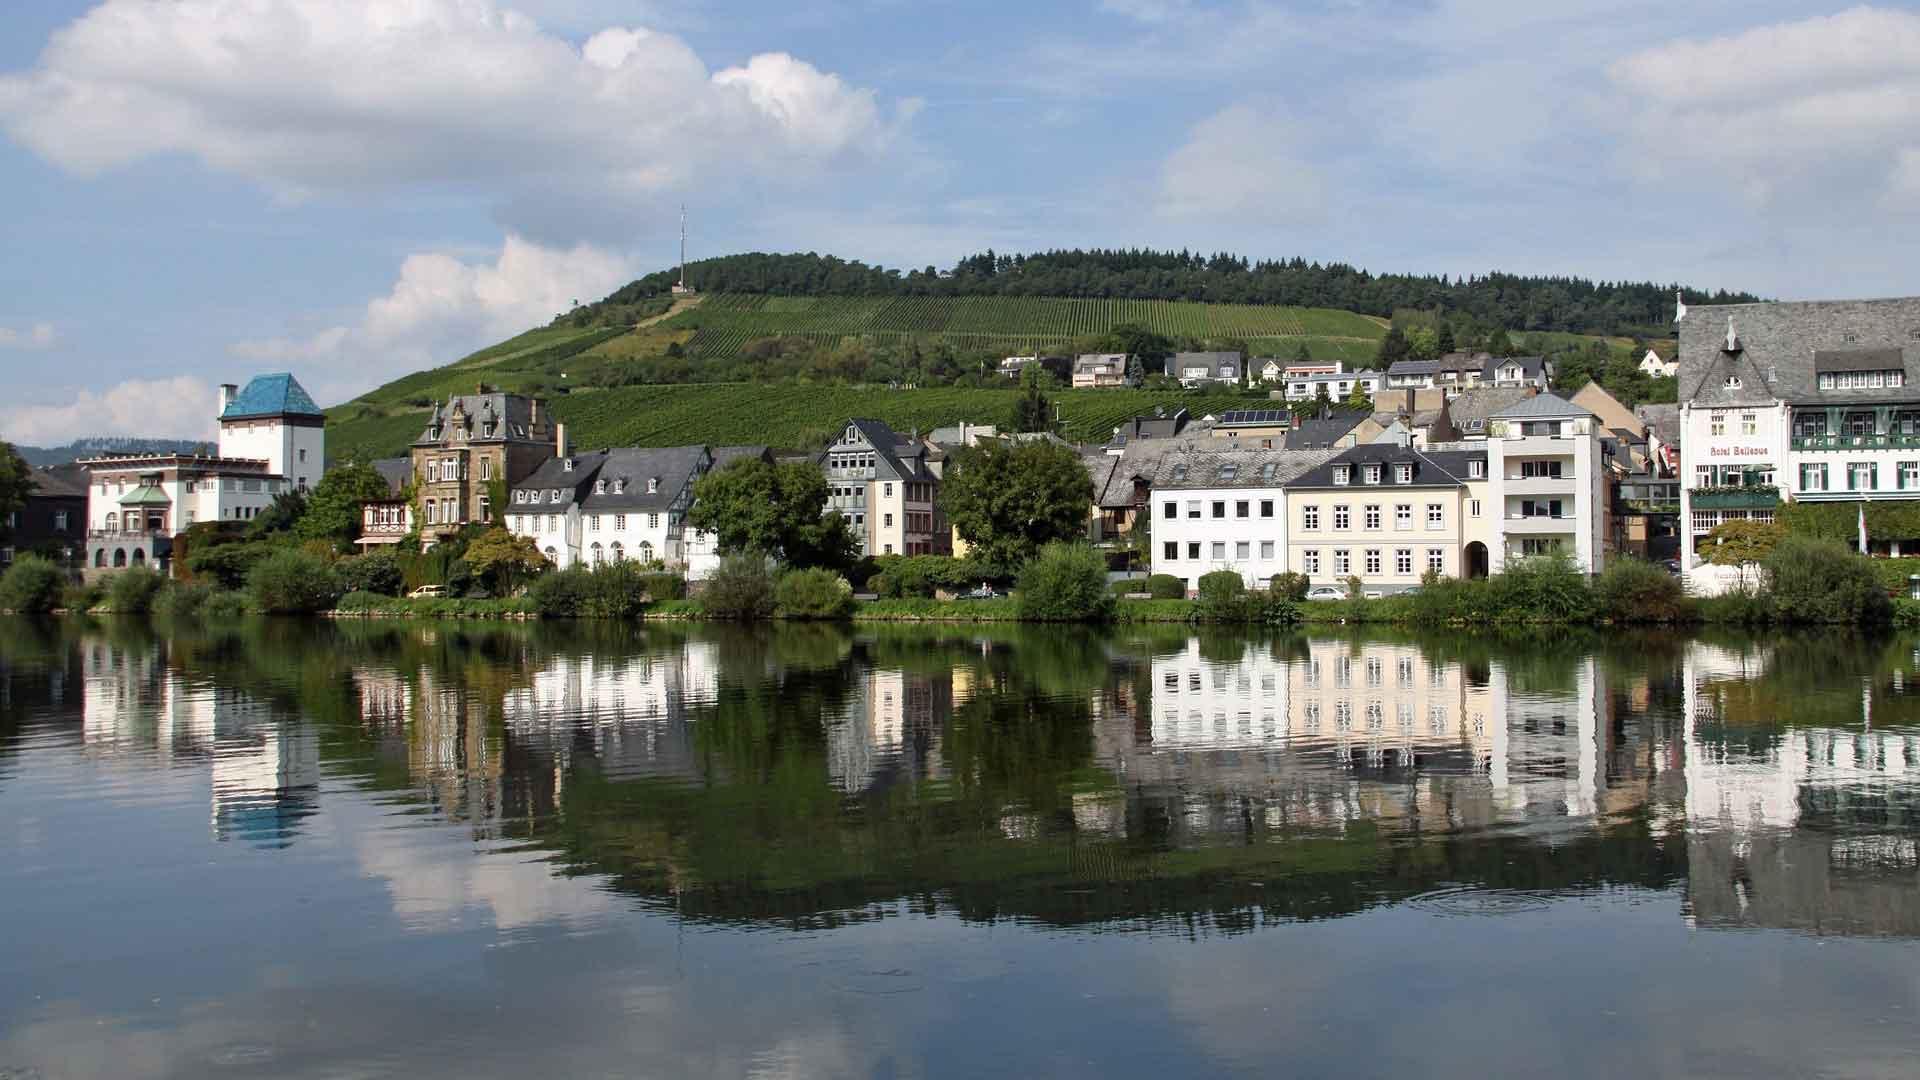 Het wijnstadje Traben-Trarbach wordt gespiegeld in de Moezel.